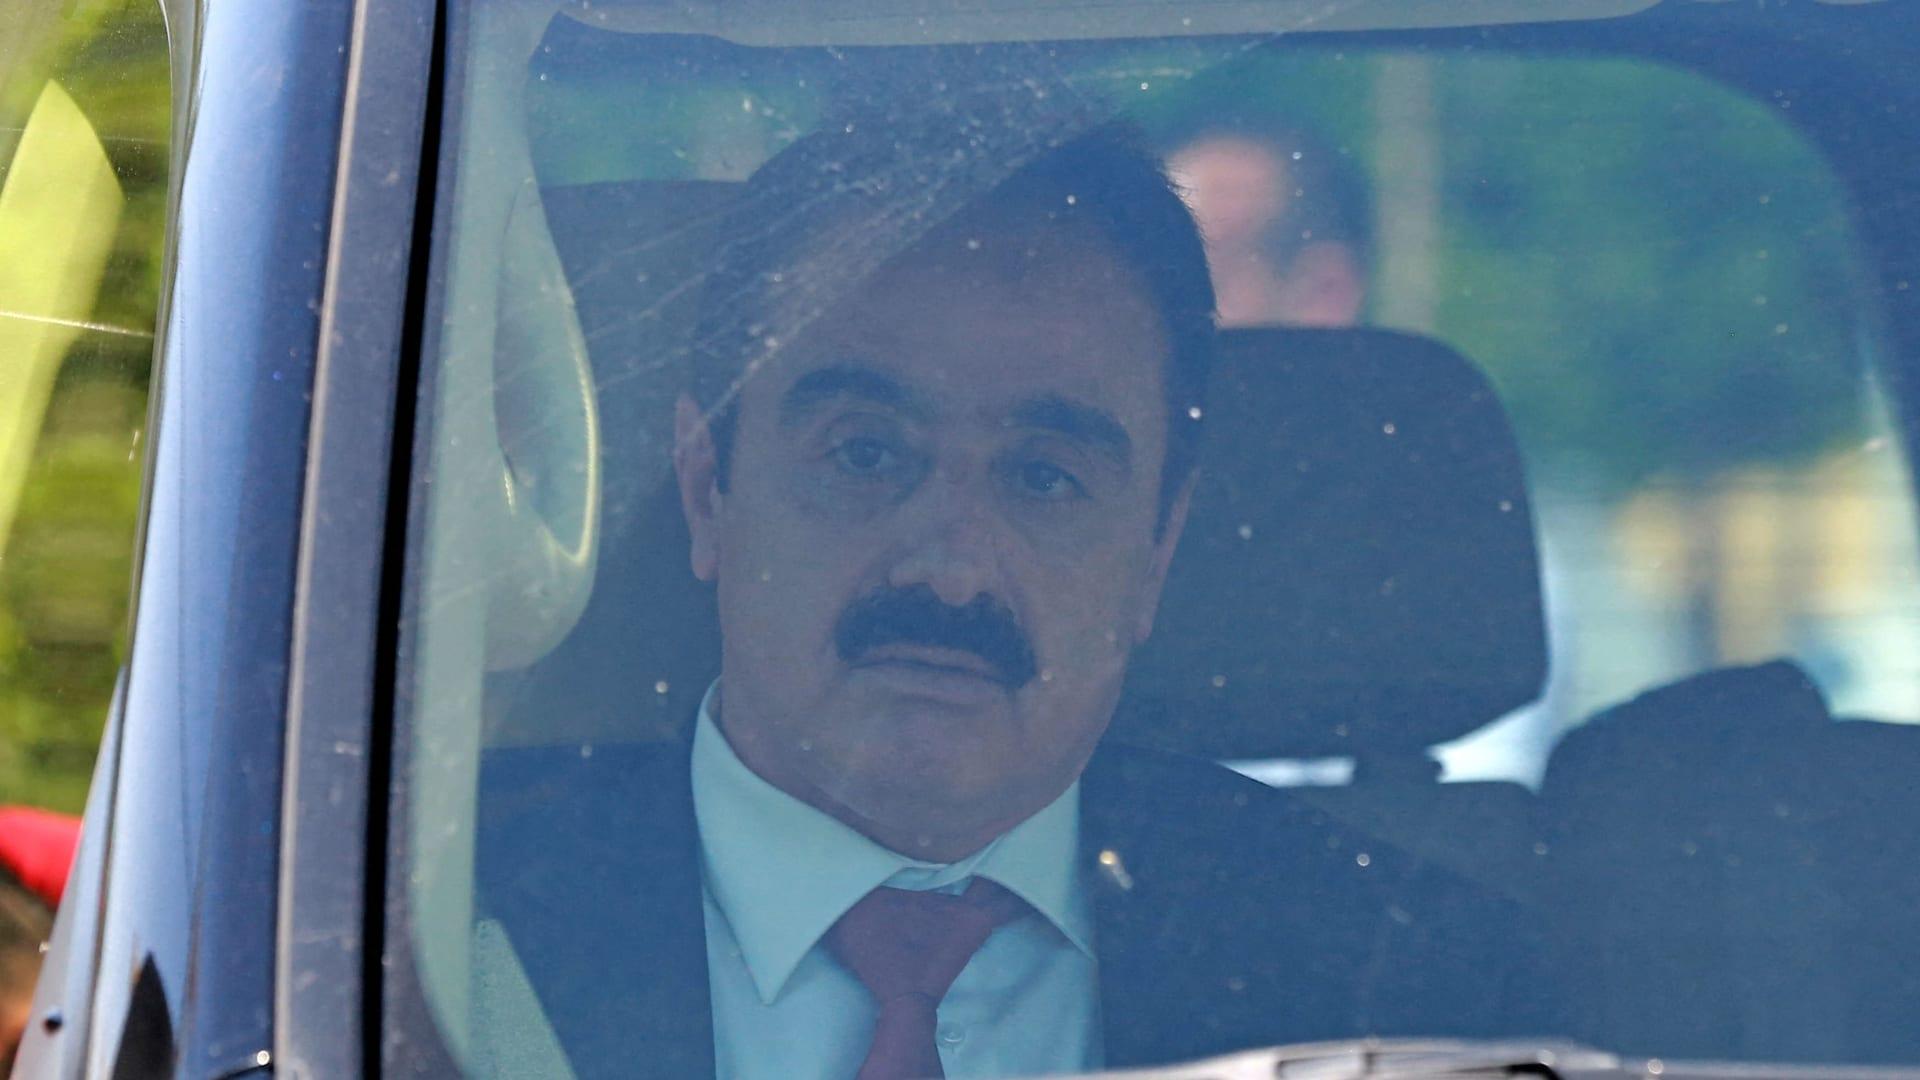 محمد عفيف، محامي باسم عوض الله